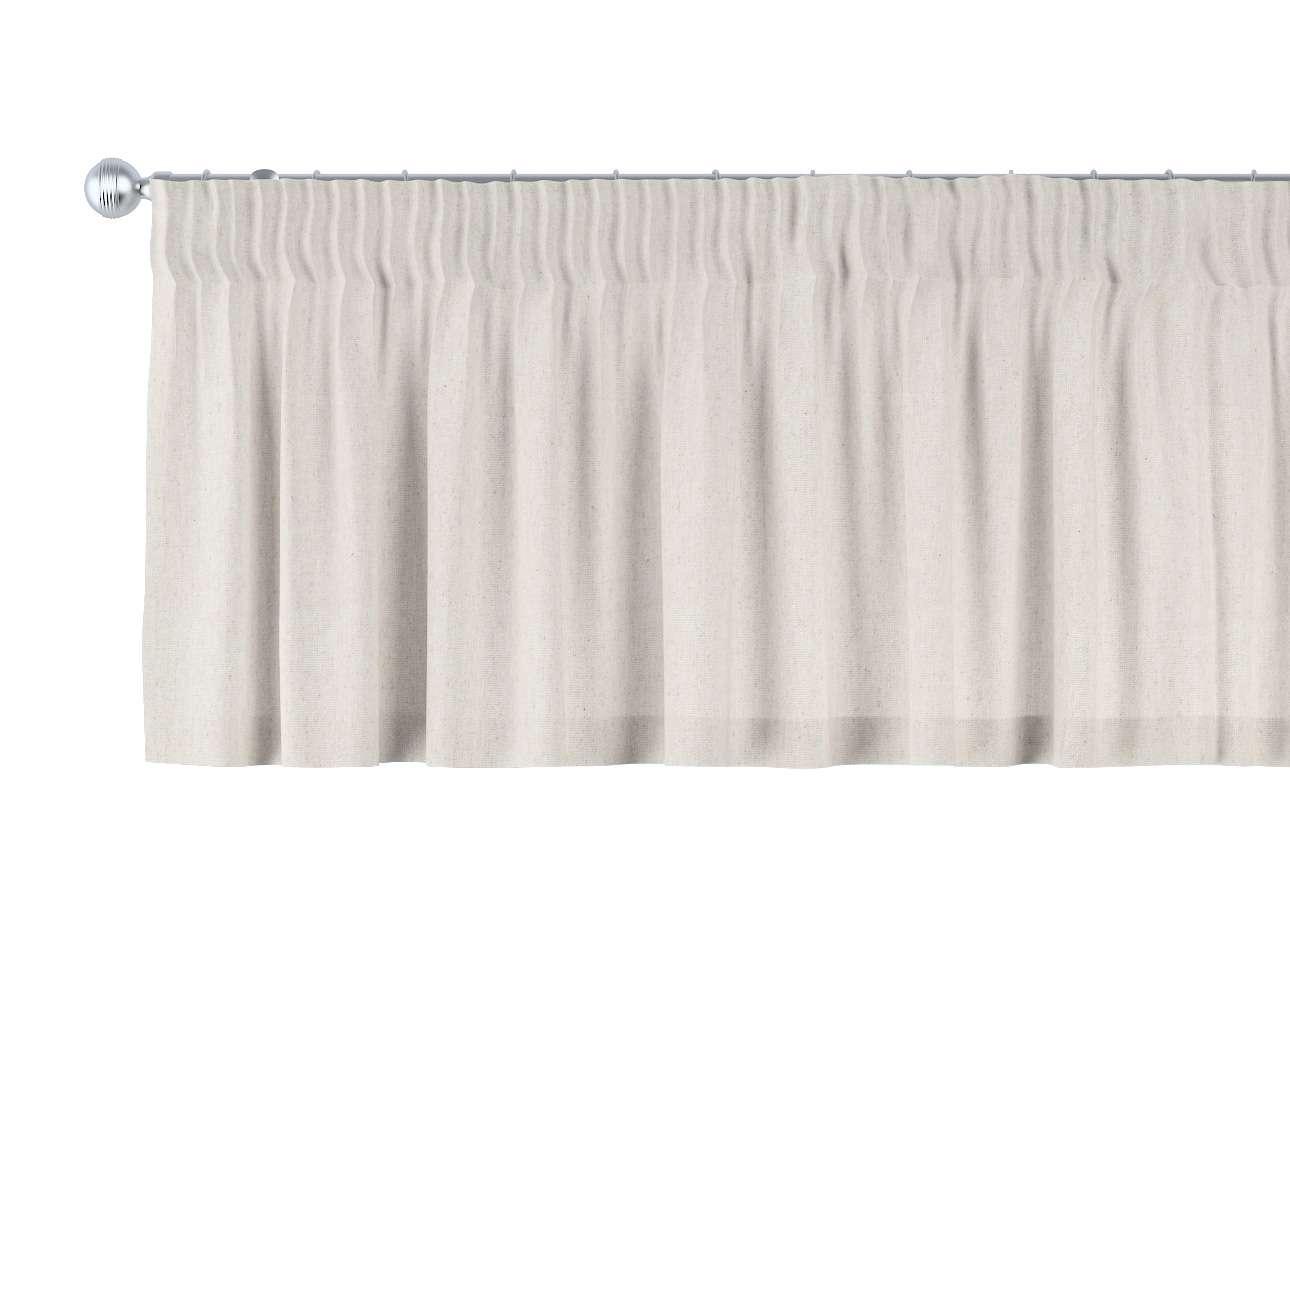 Gardinkappe med rynkebånd 130 × 40 cm fra kollektionen Loneta, Stof: 133-65